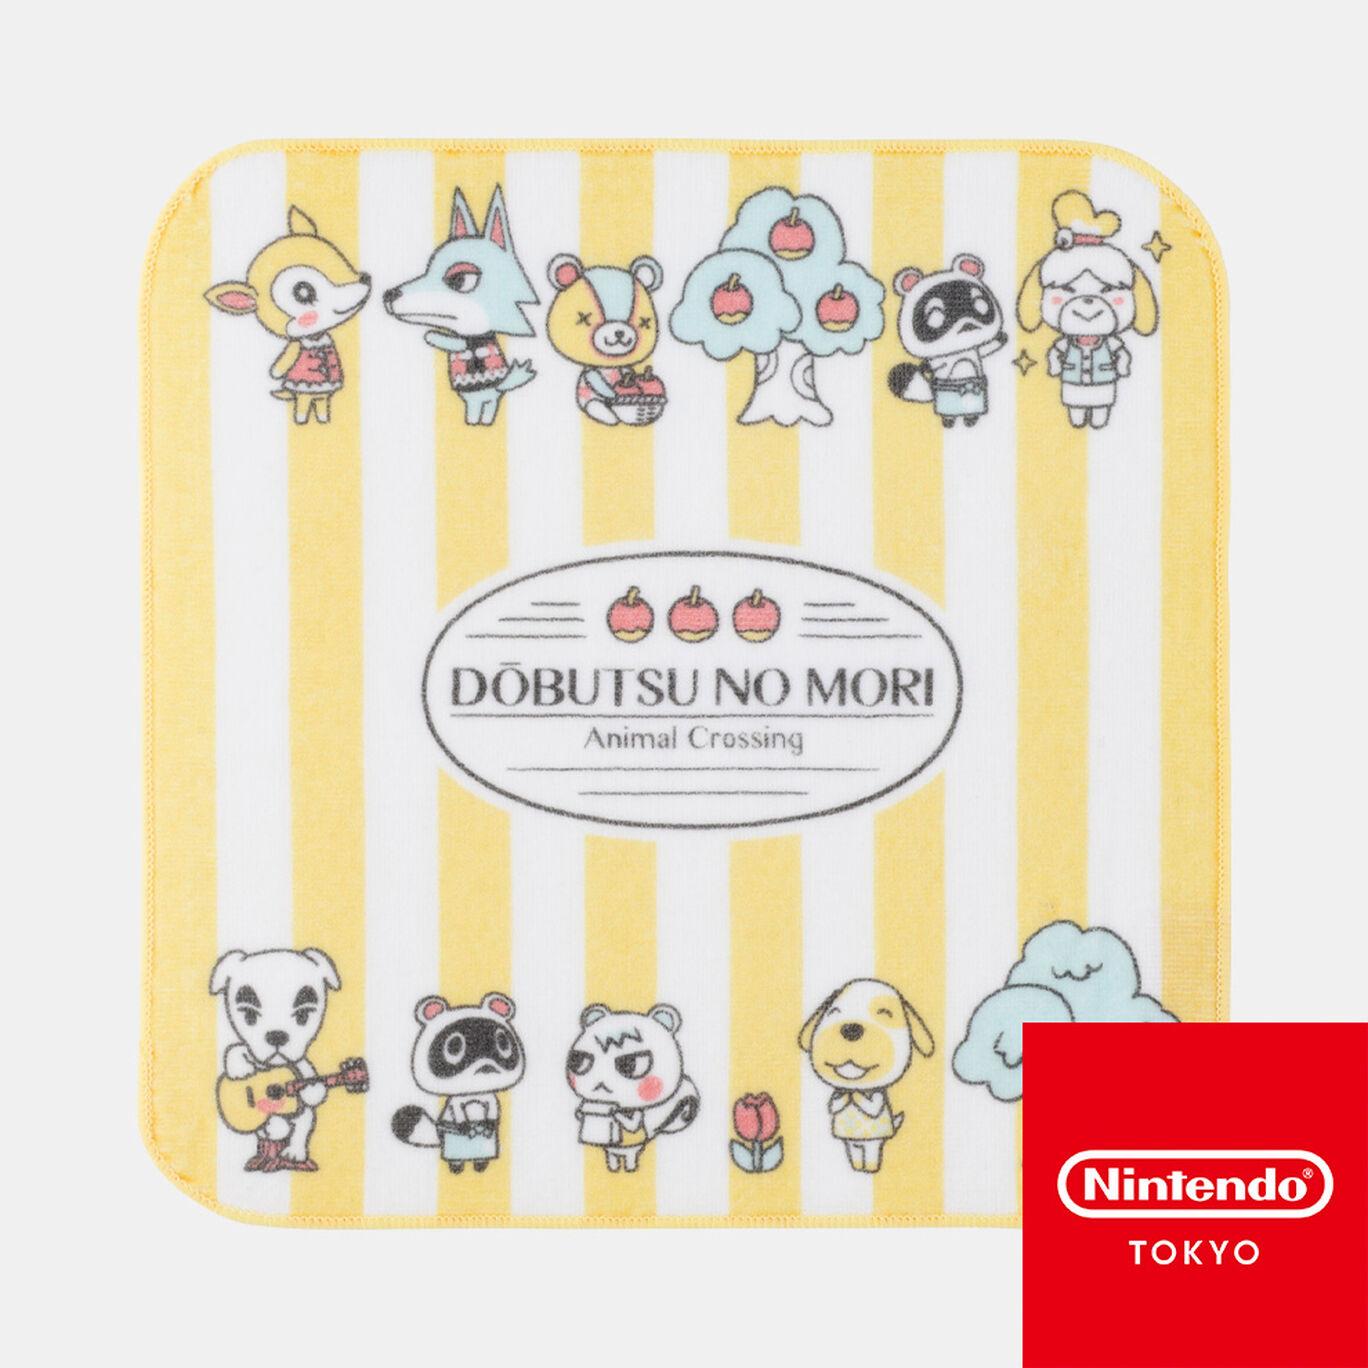 タオルハンカチ どうぶつの森【Nintendo TOKYO取り扱い商品】